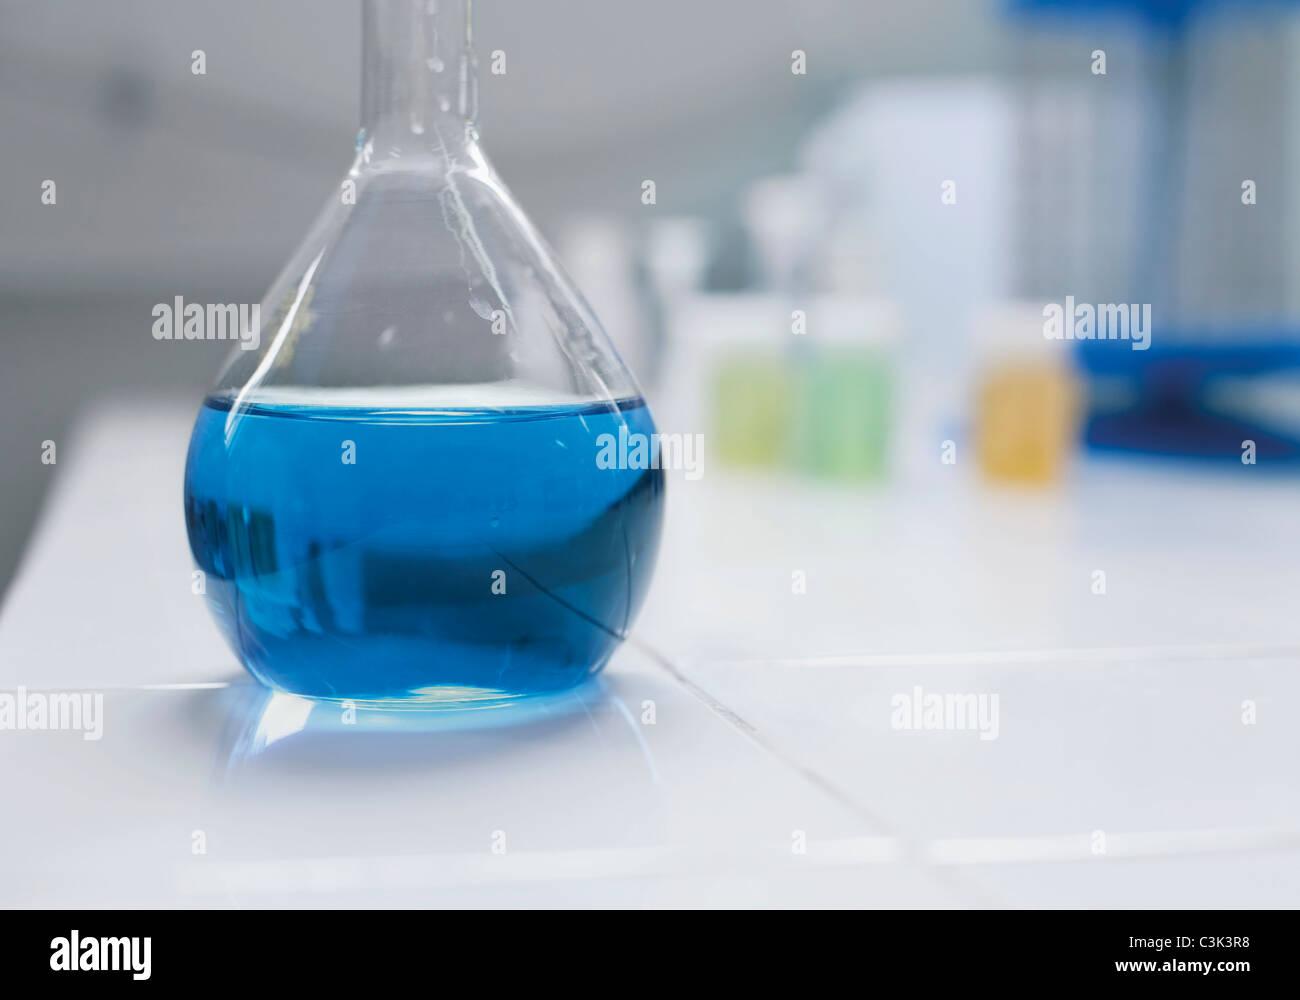 Pallone di vetro con fluido blu, close up Immagini Stock